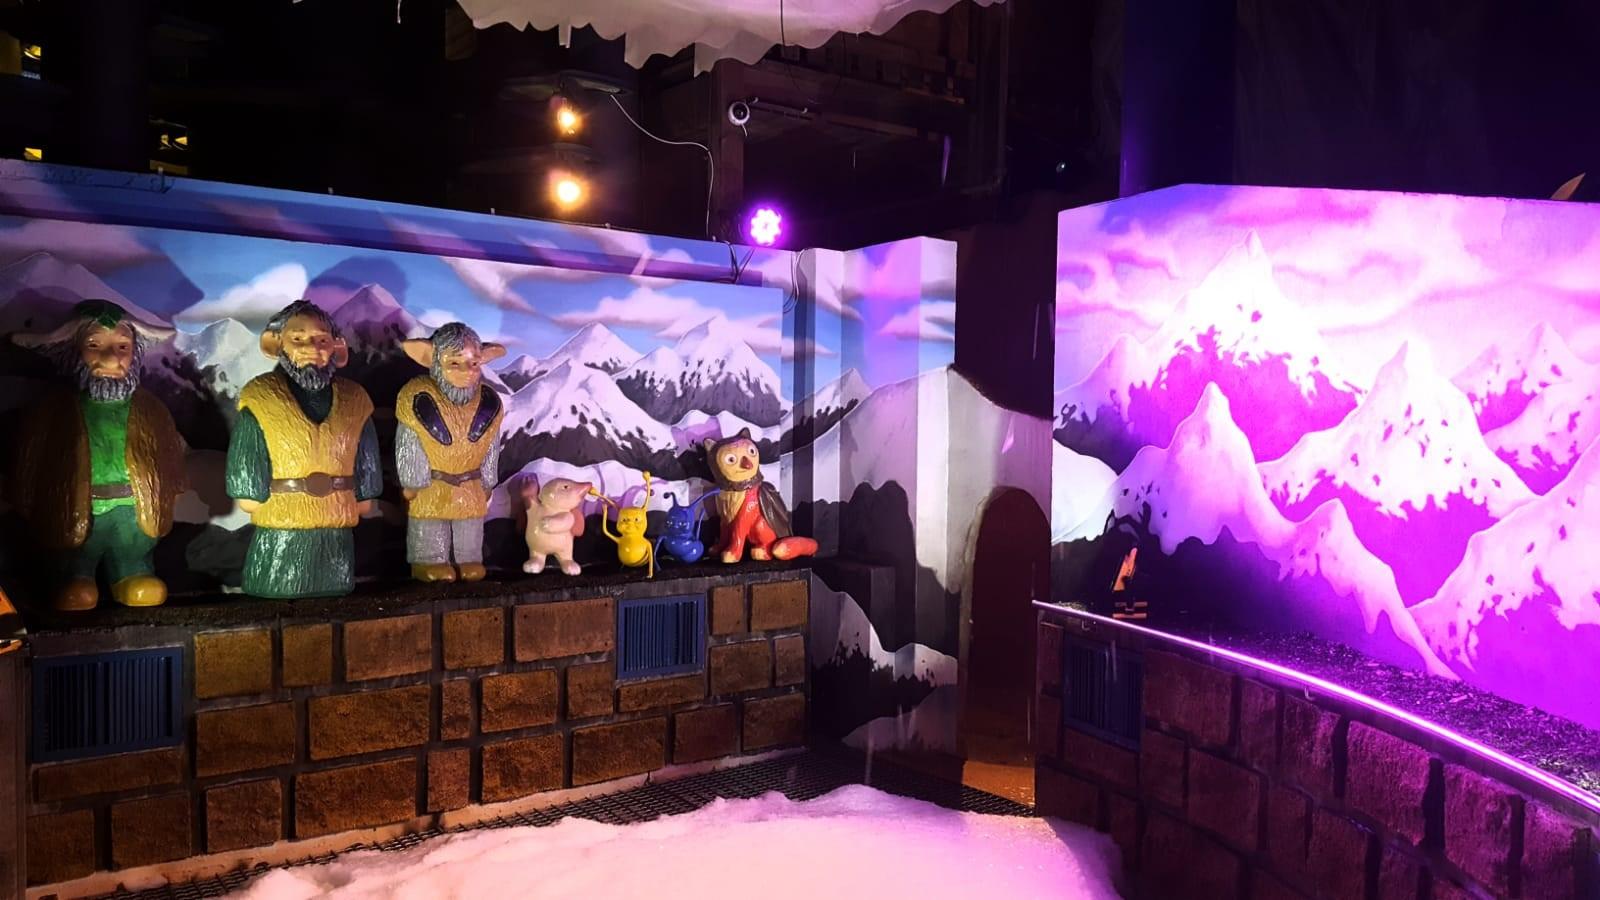 Интерактивная выставка в Детском музее. Фото: Цвия Биндер